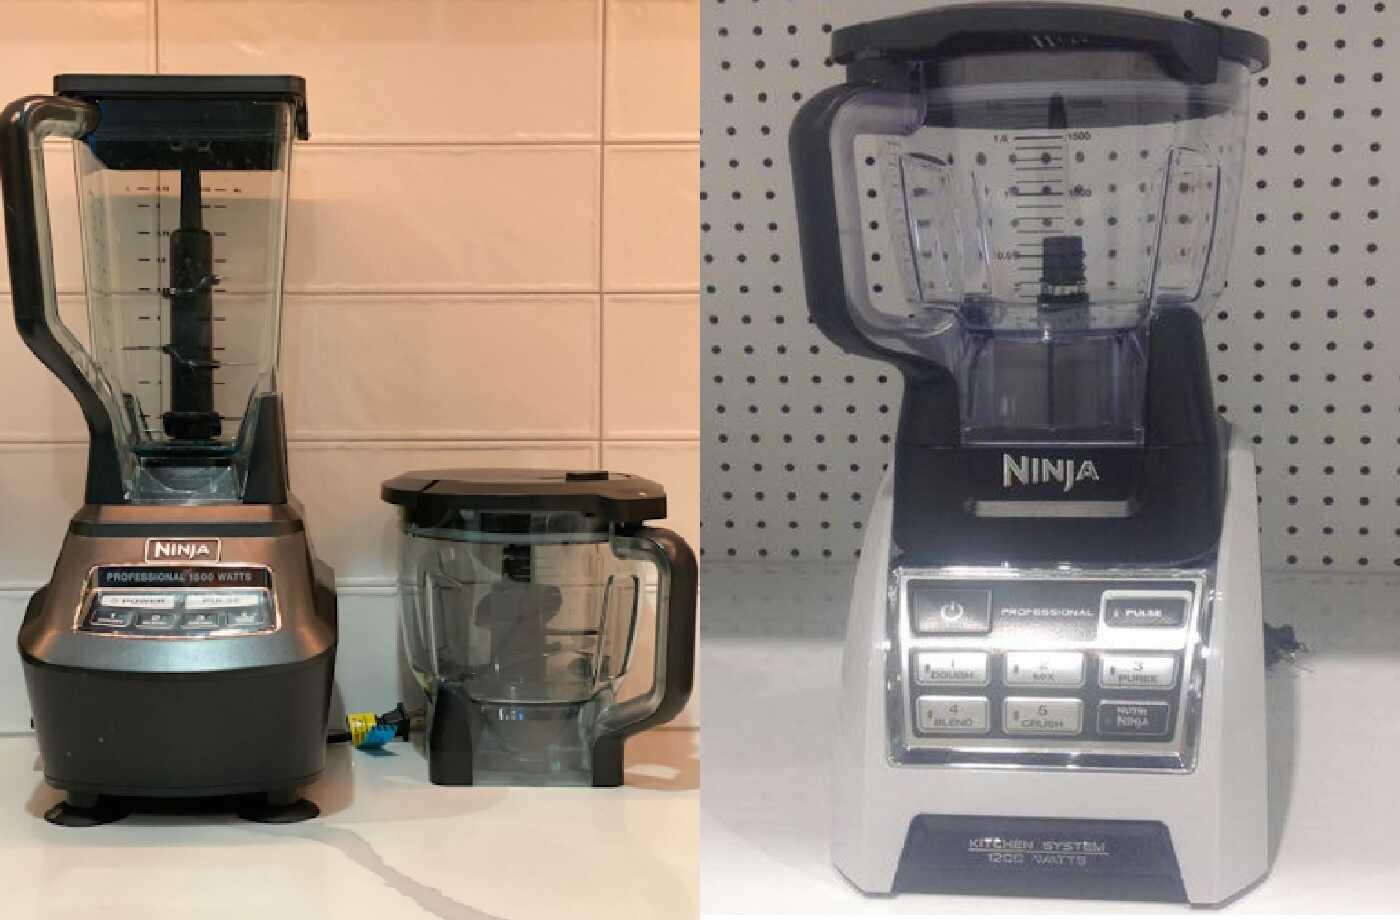 Ninja BL770 vs BL685